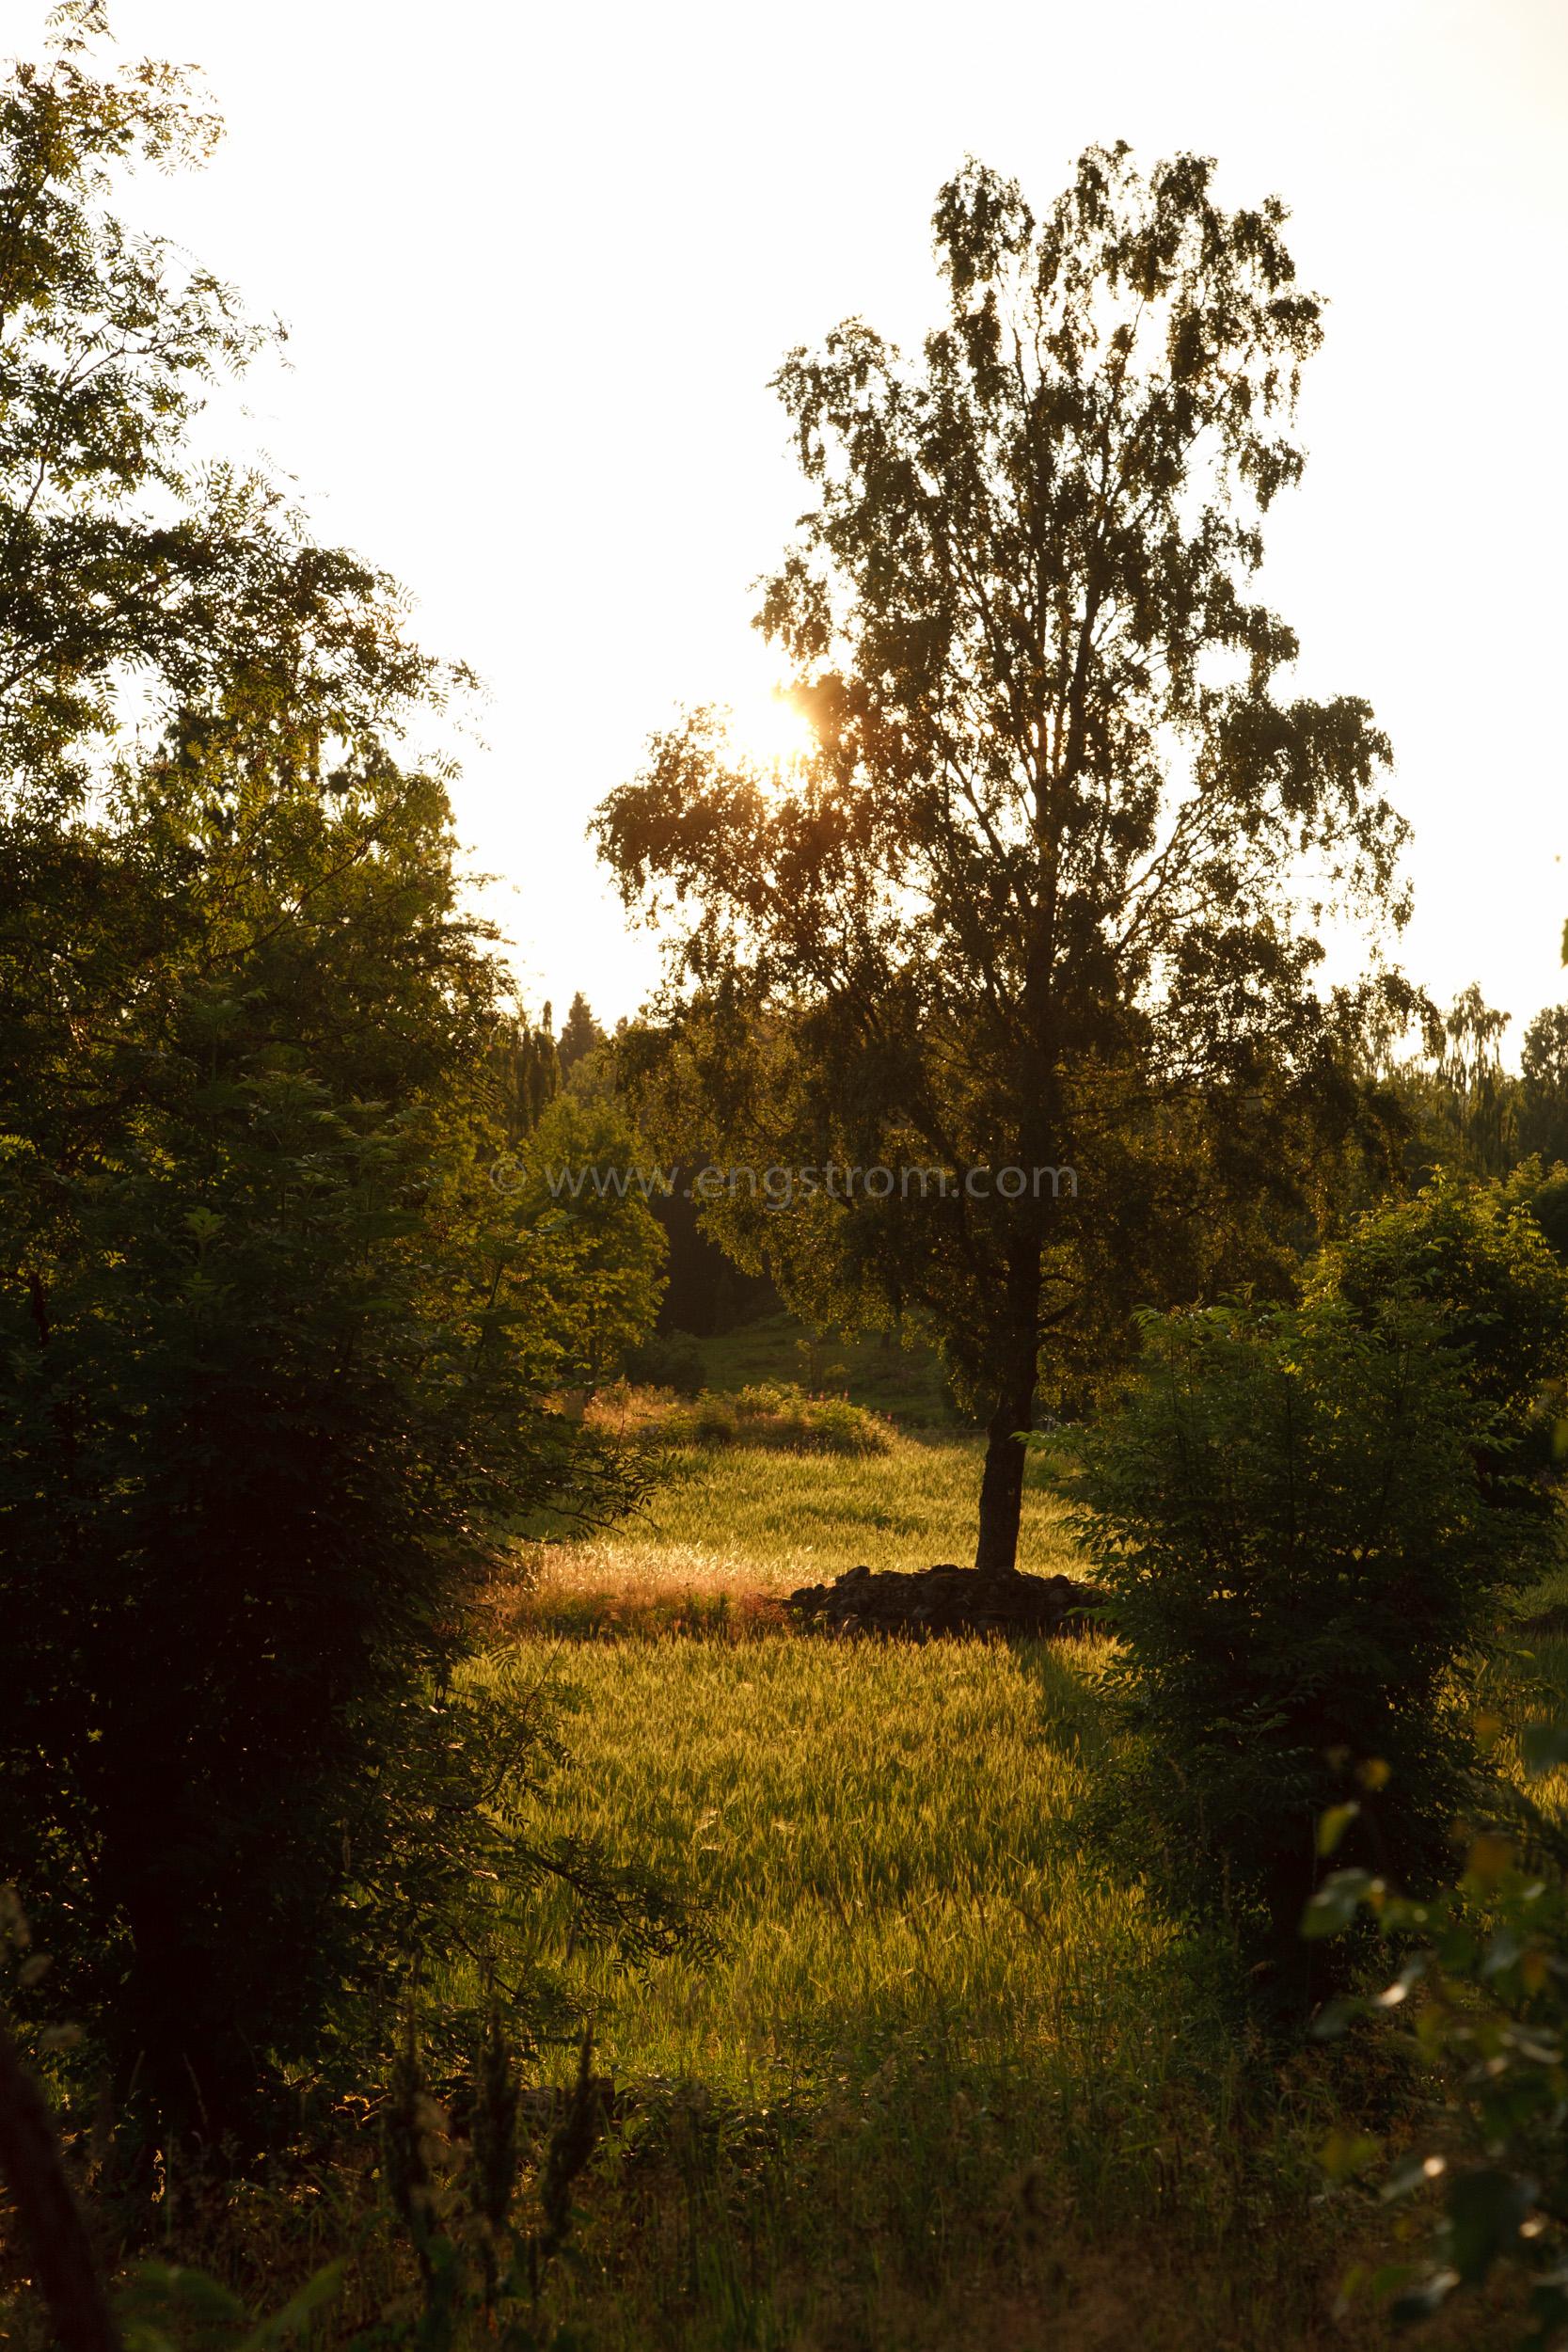 JE_20110707-200327, Solen går ner över åkrarna, Jonas Engström